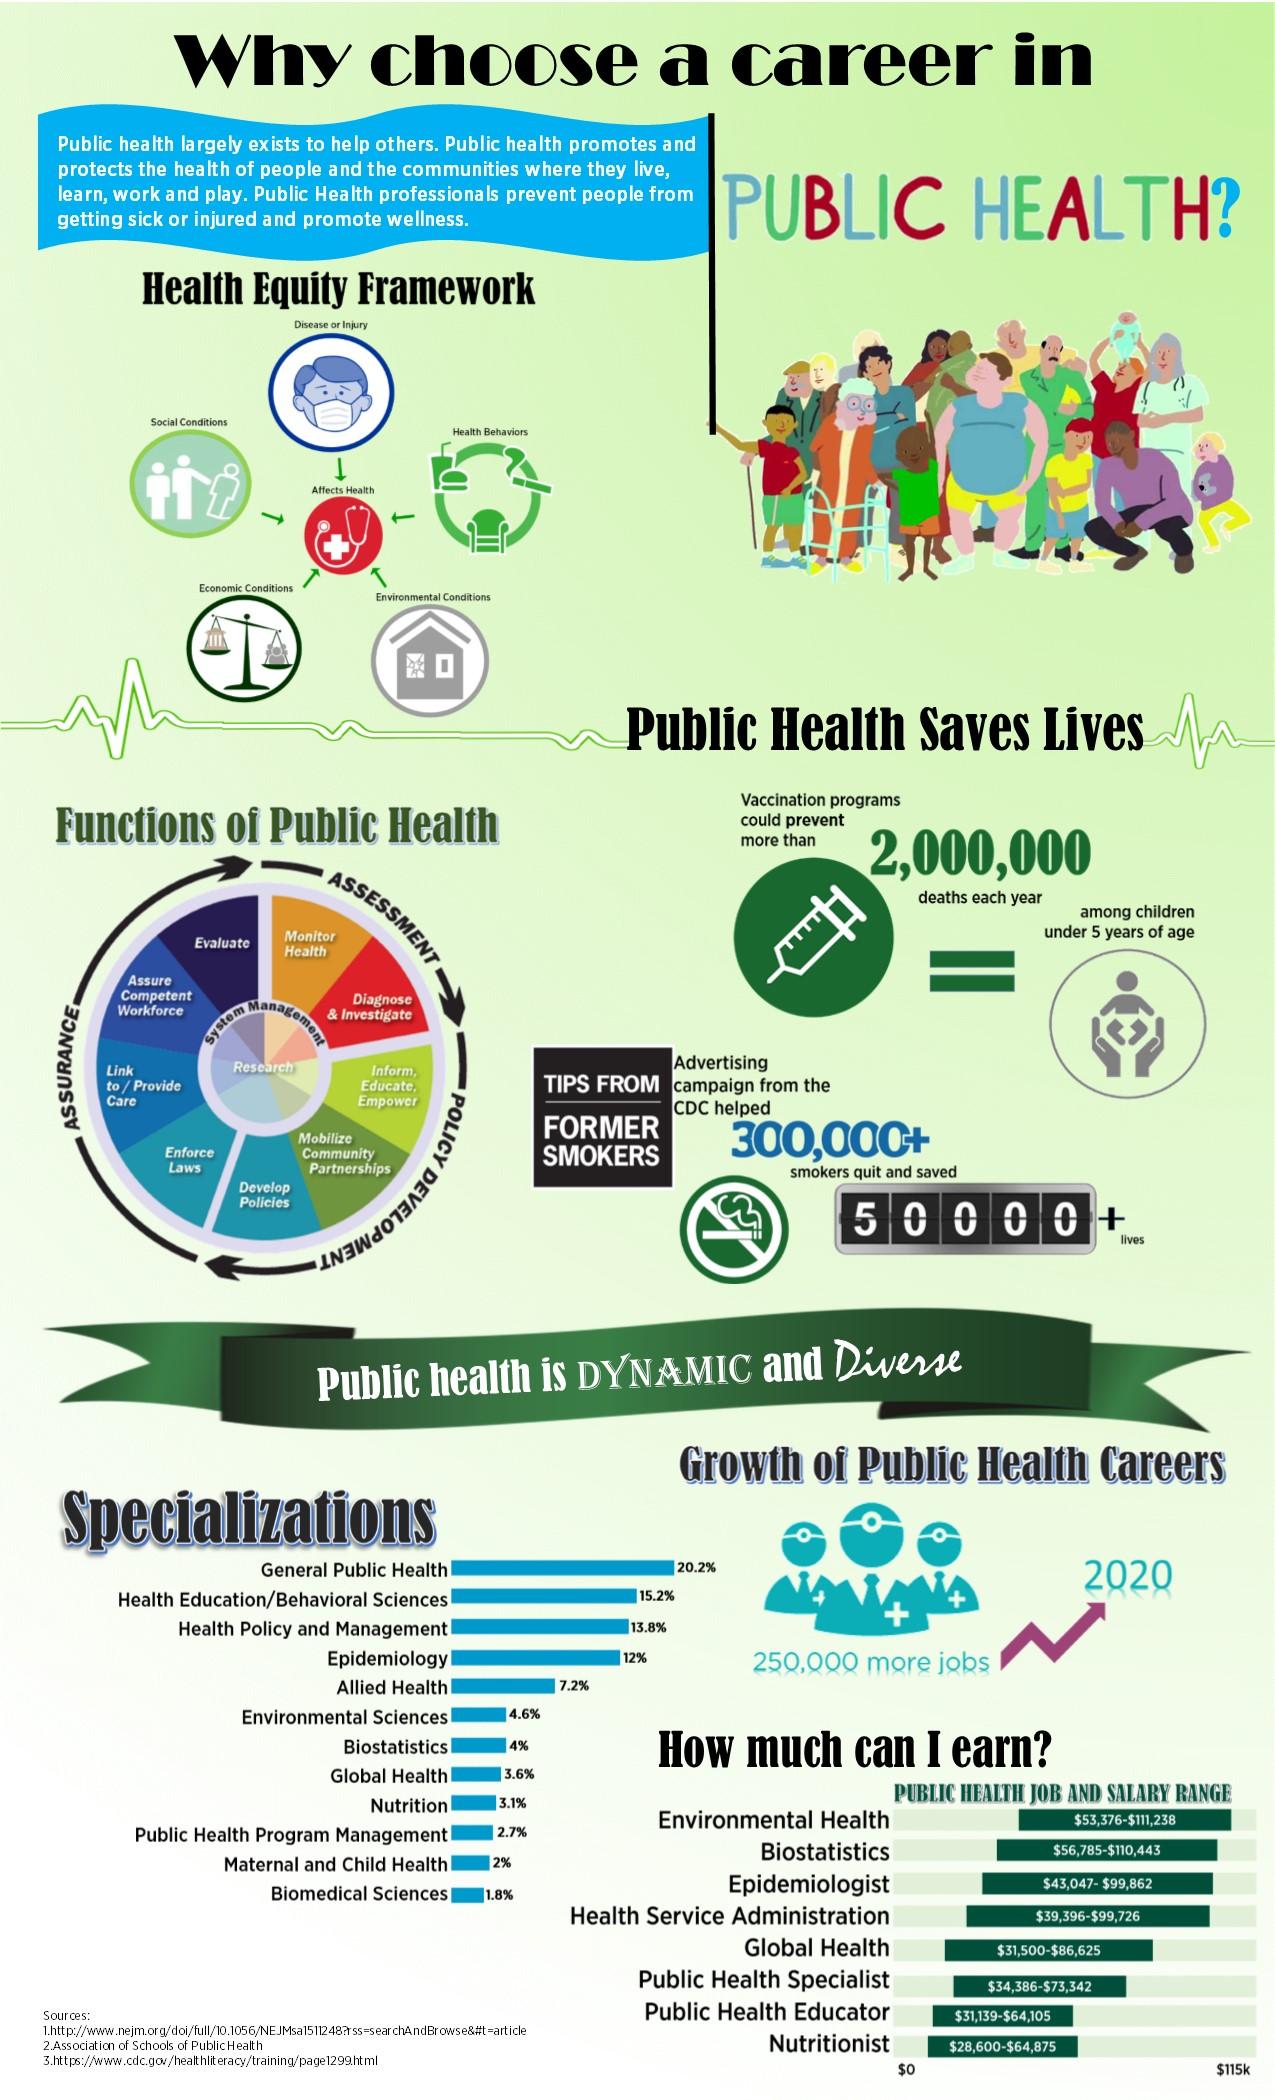 Why a Public Health Degree?